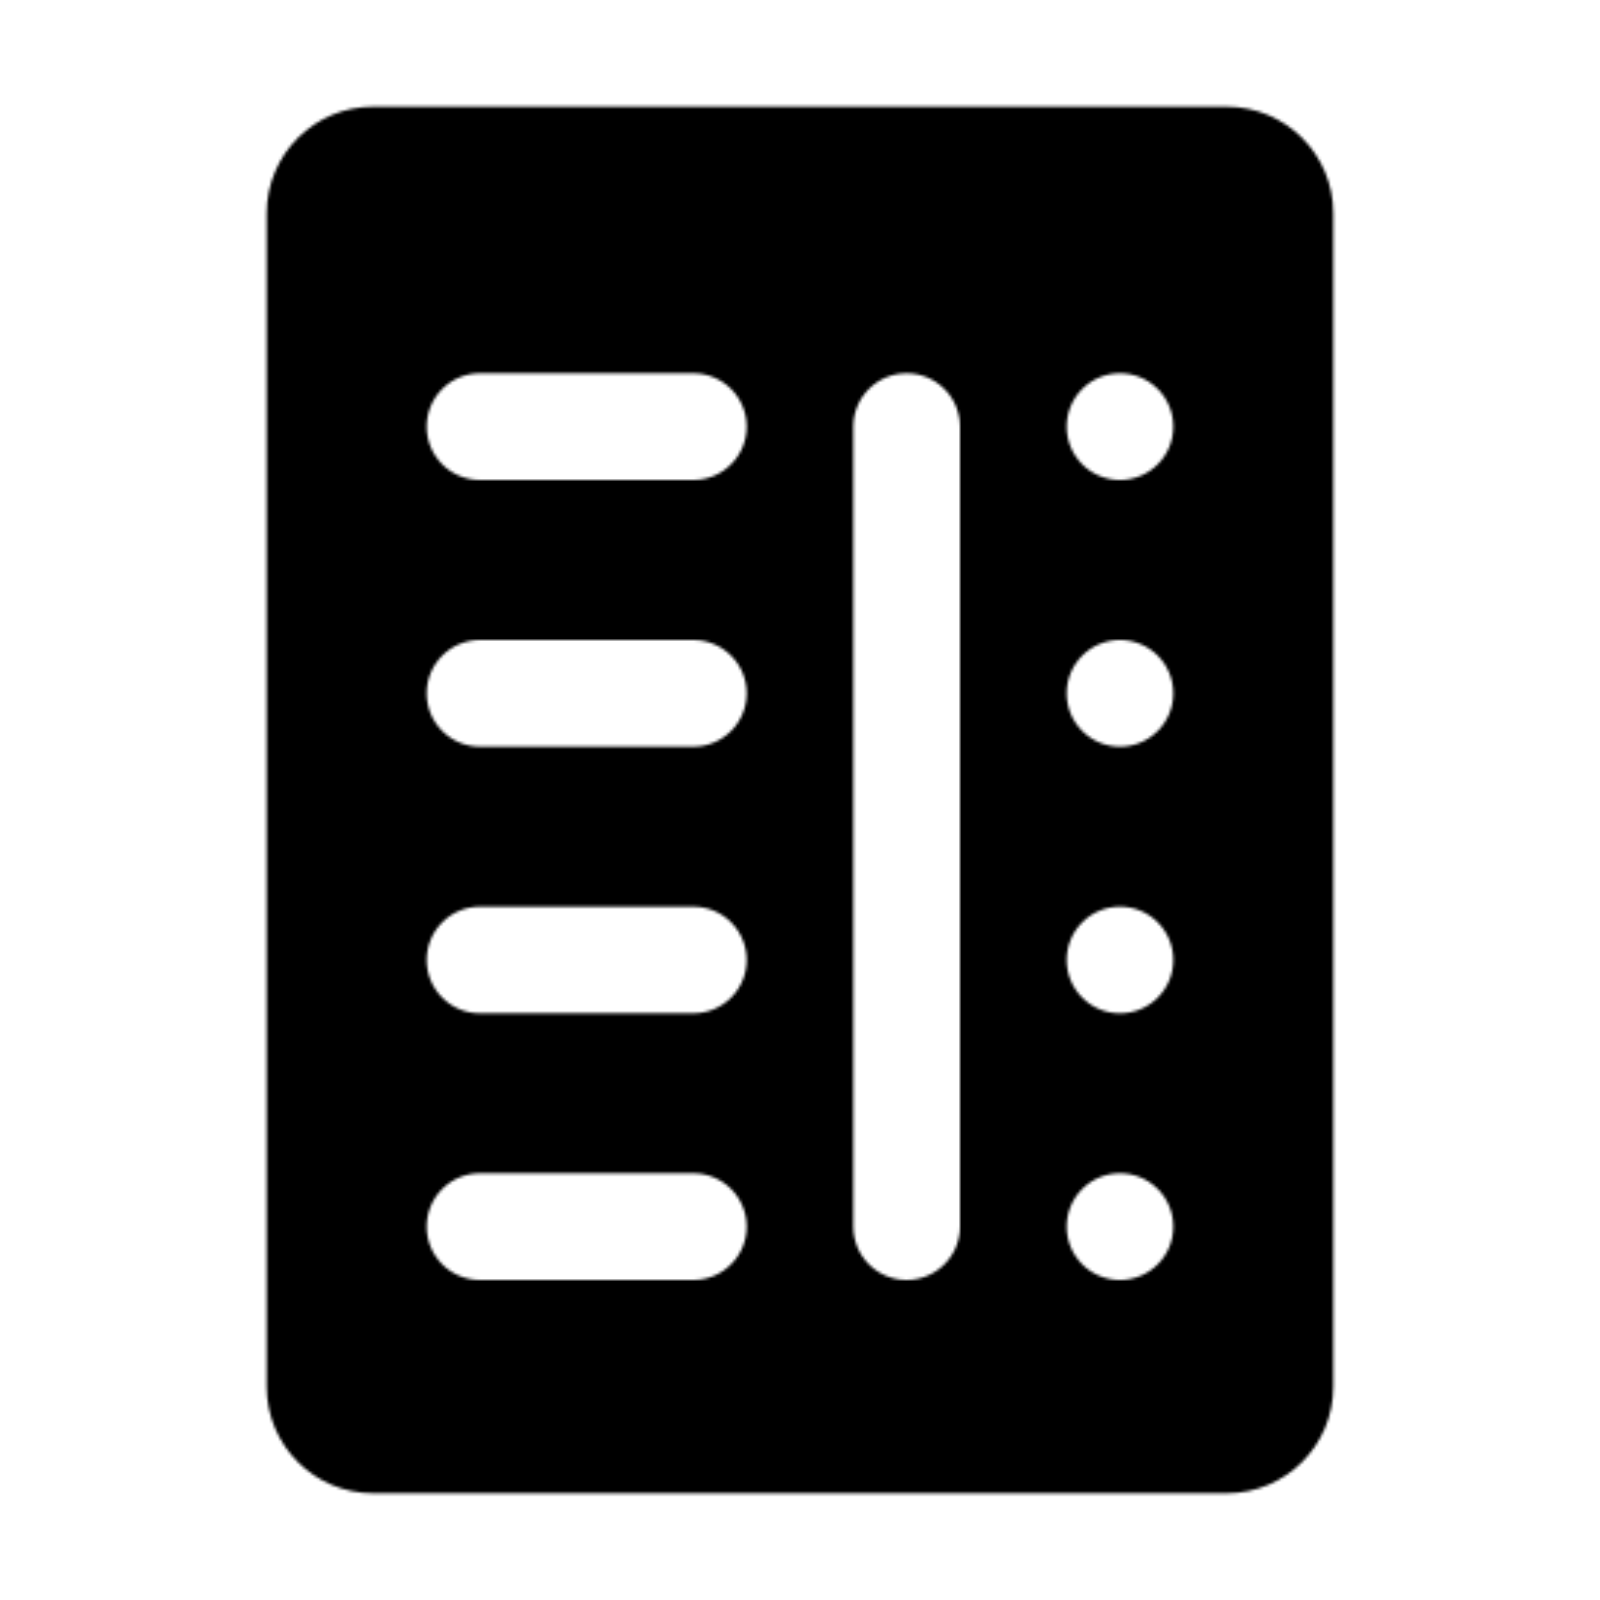 Lista de resumo icon